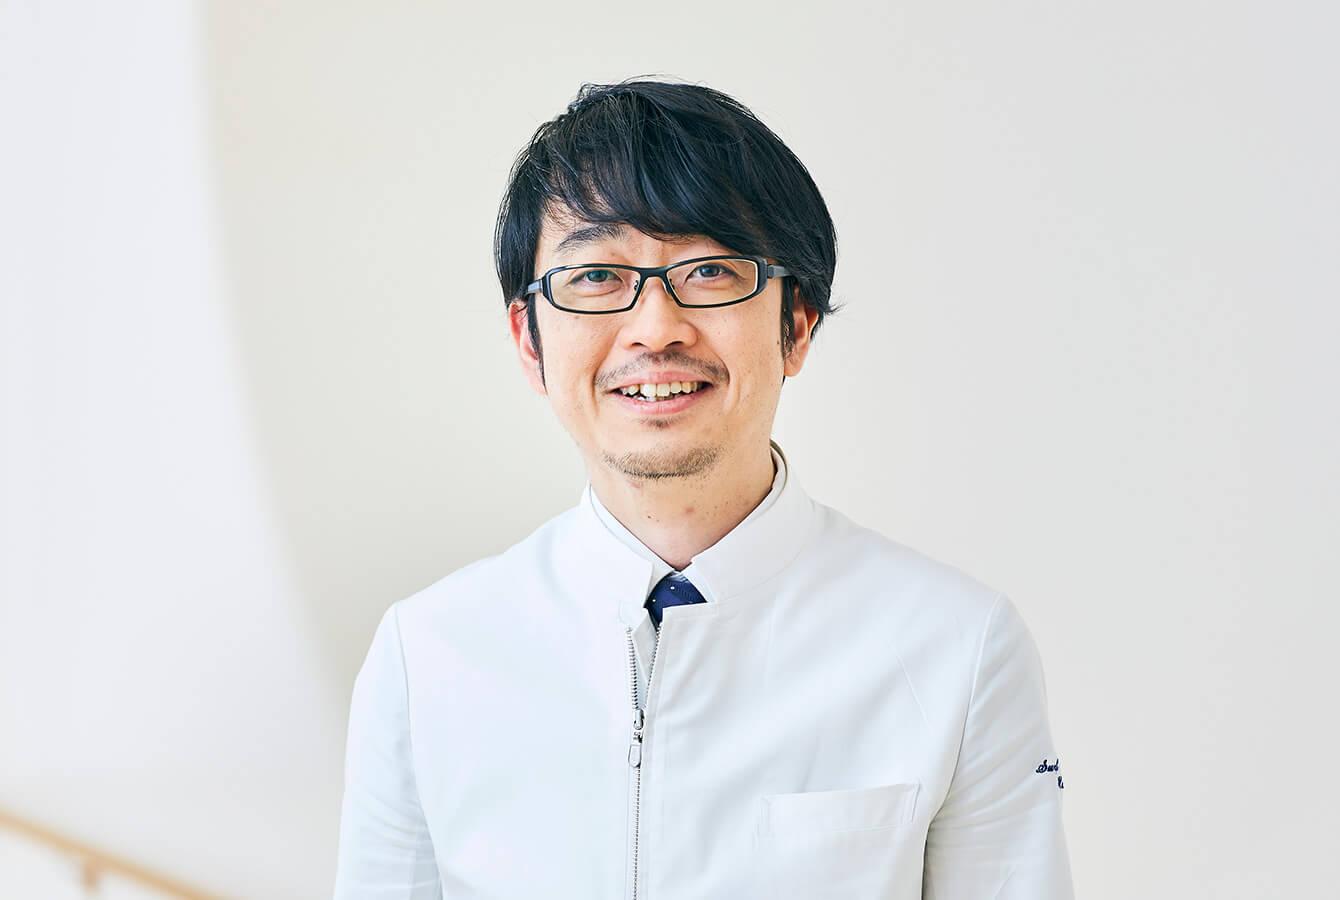 手術機器開発室医員 長谷川 寛の写真